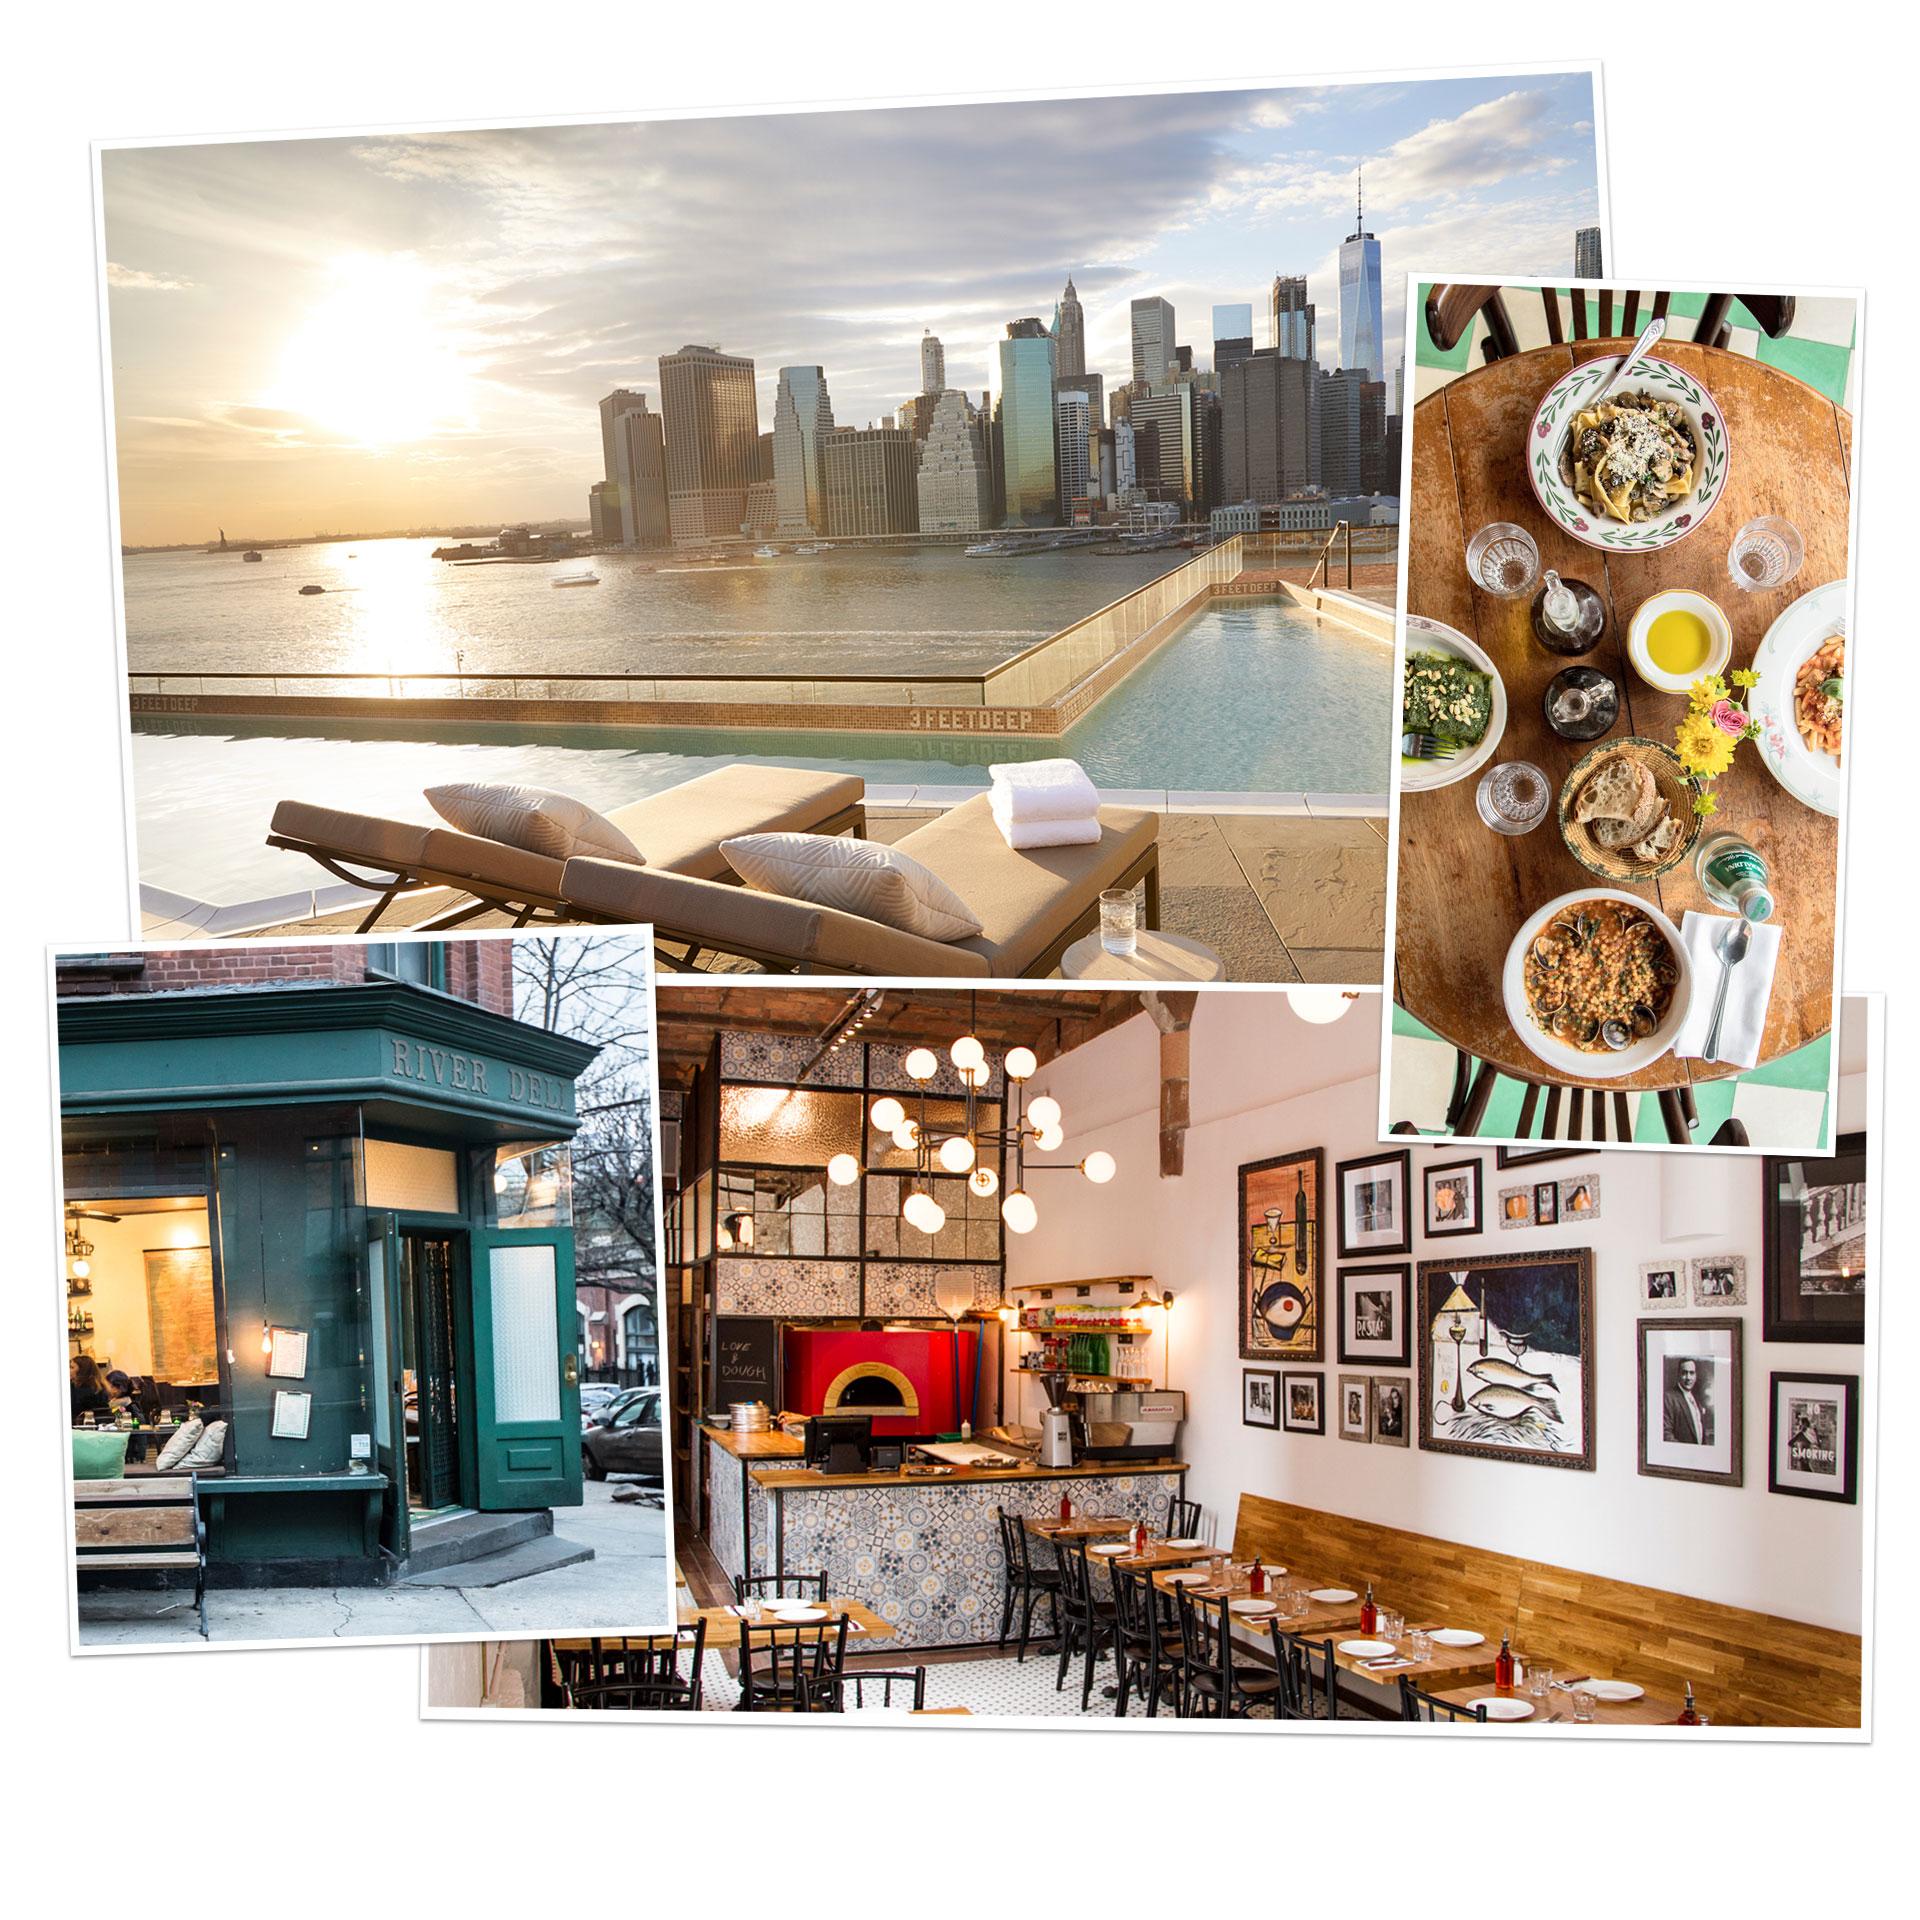 Dumbo / Brooklyn Heights (Brooklyn)